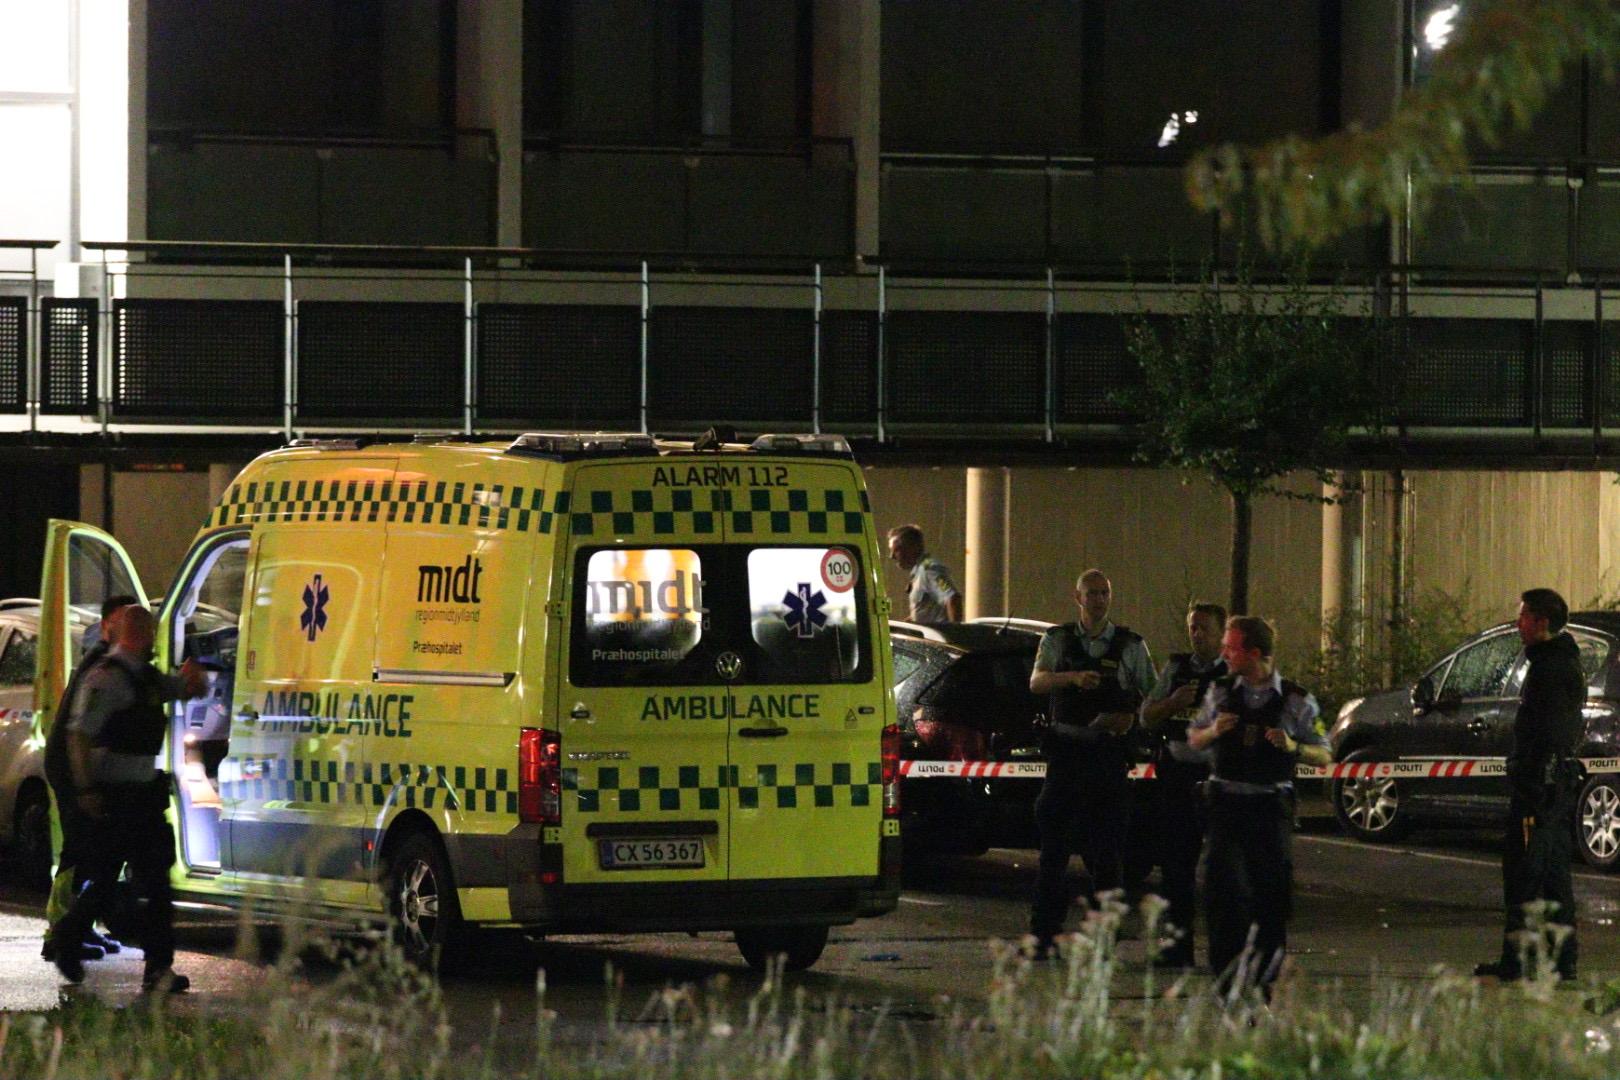 Kæmpe politiaktion - ambulance kørt med politieskorte